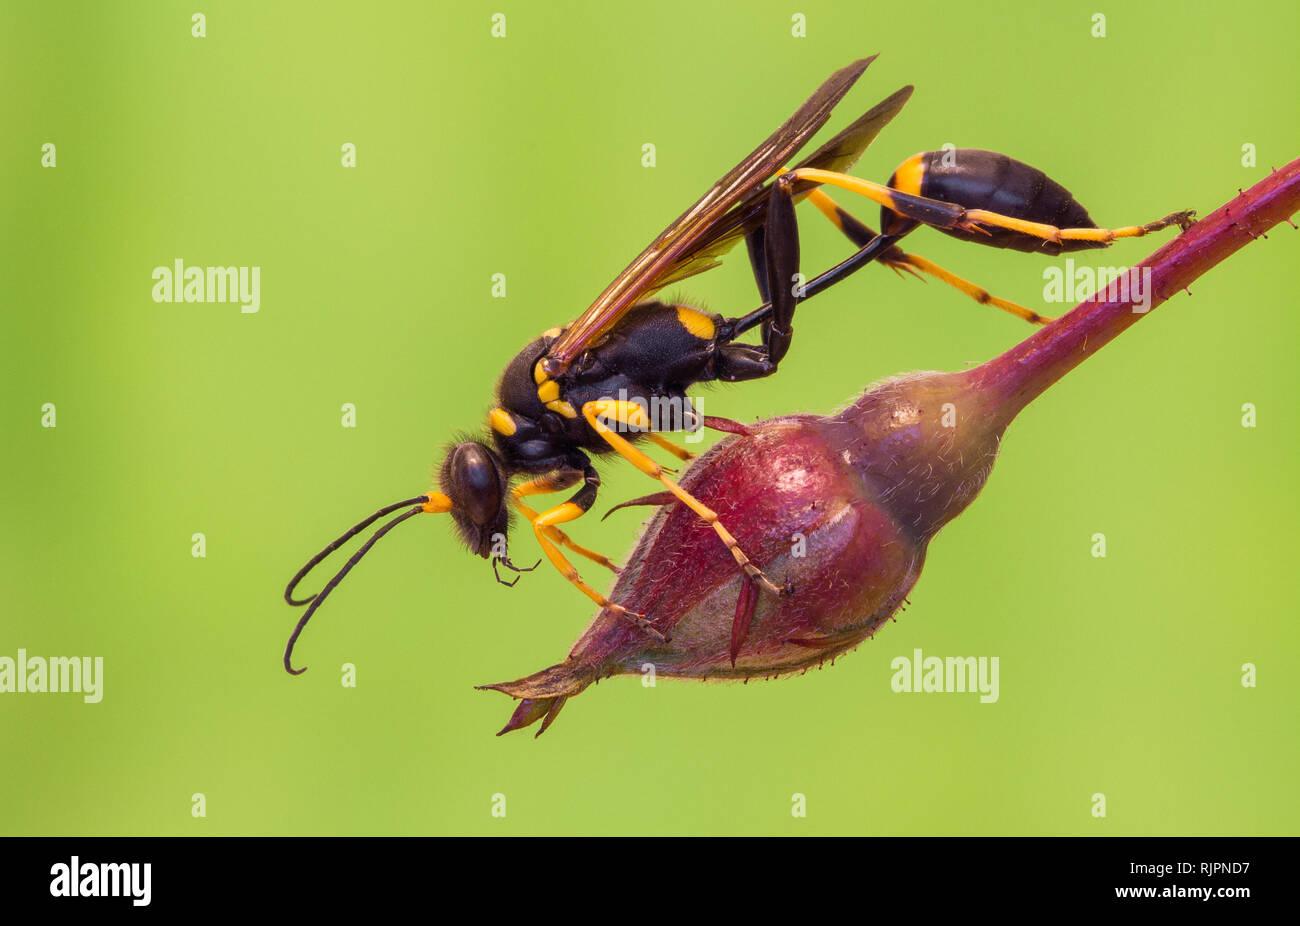 Wildlife Makro Foto von Schlamm dauber Wasp Stockbild